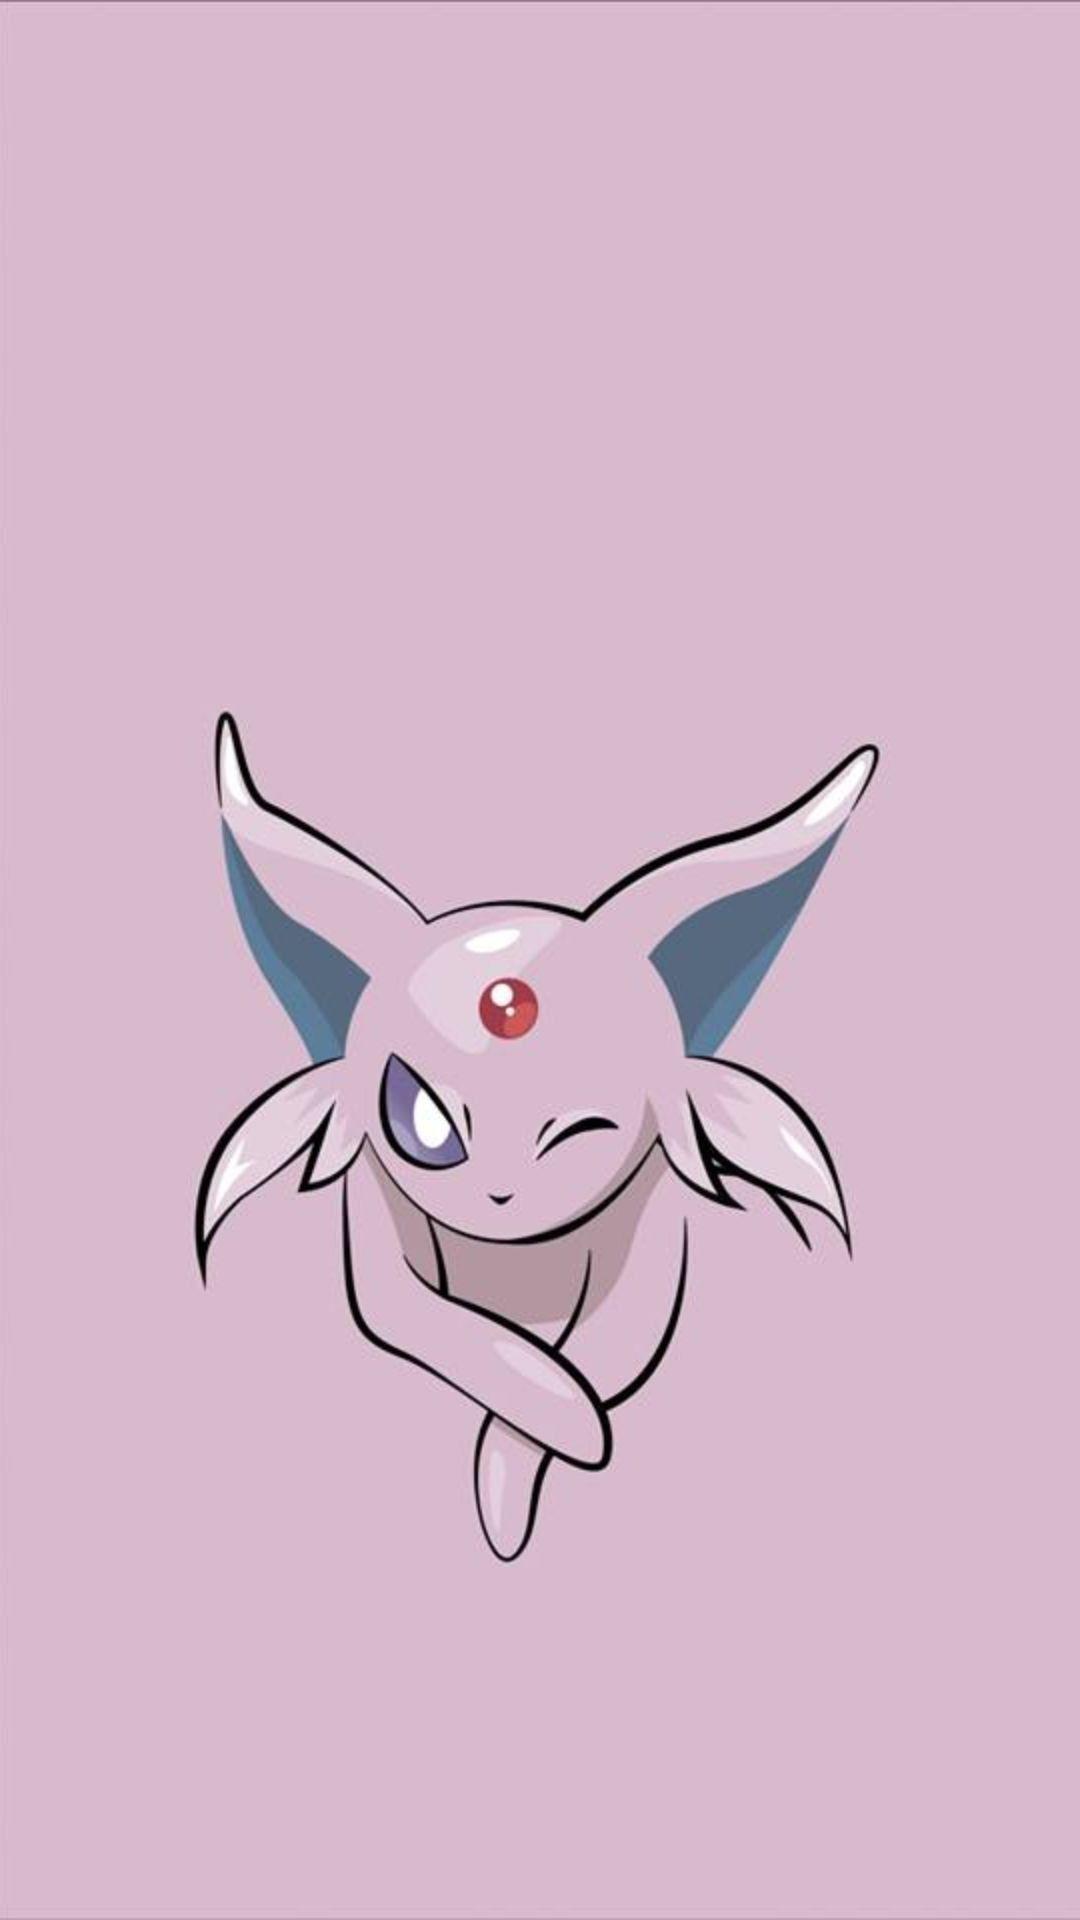 Pokemon Minimalist iOS 8 wallpaper